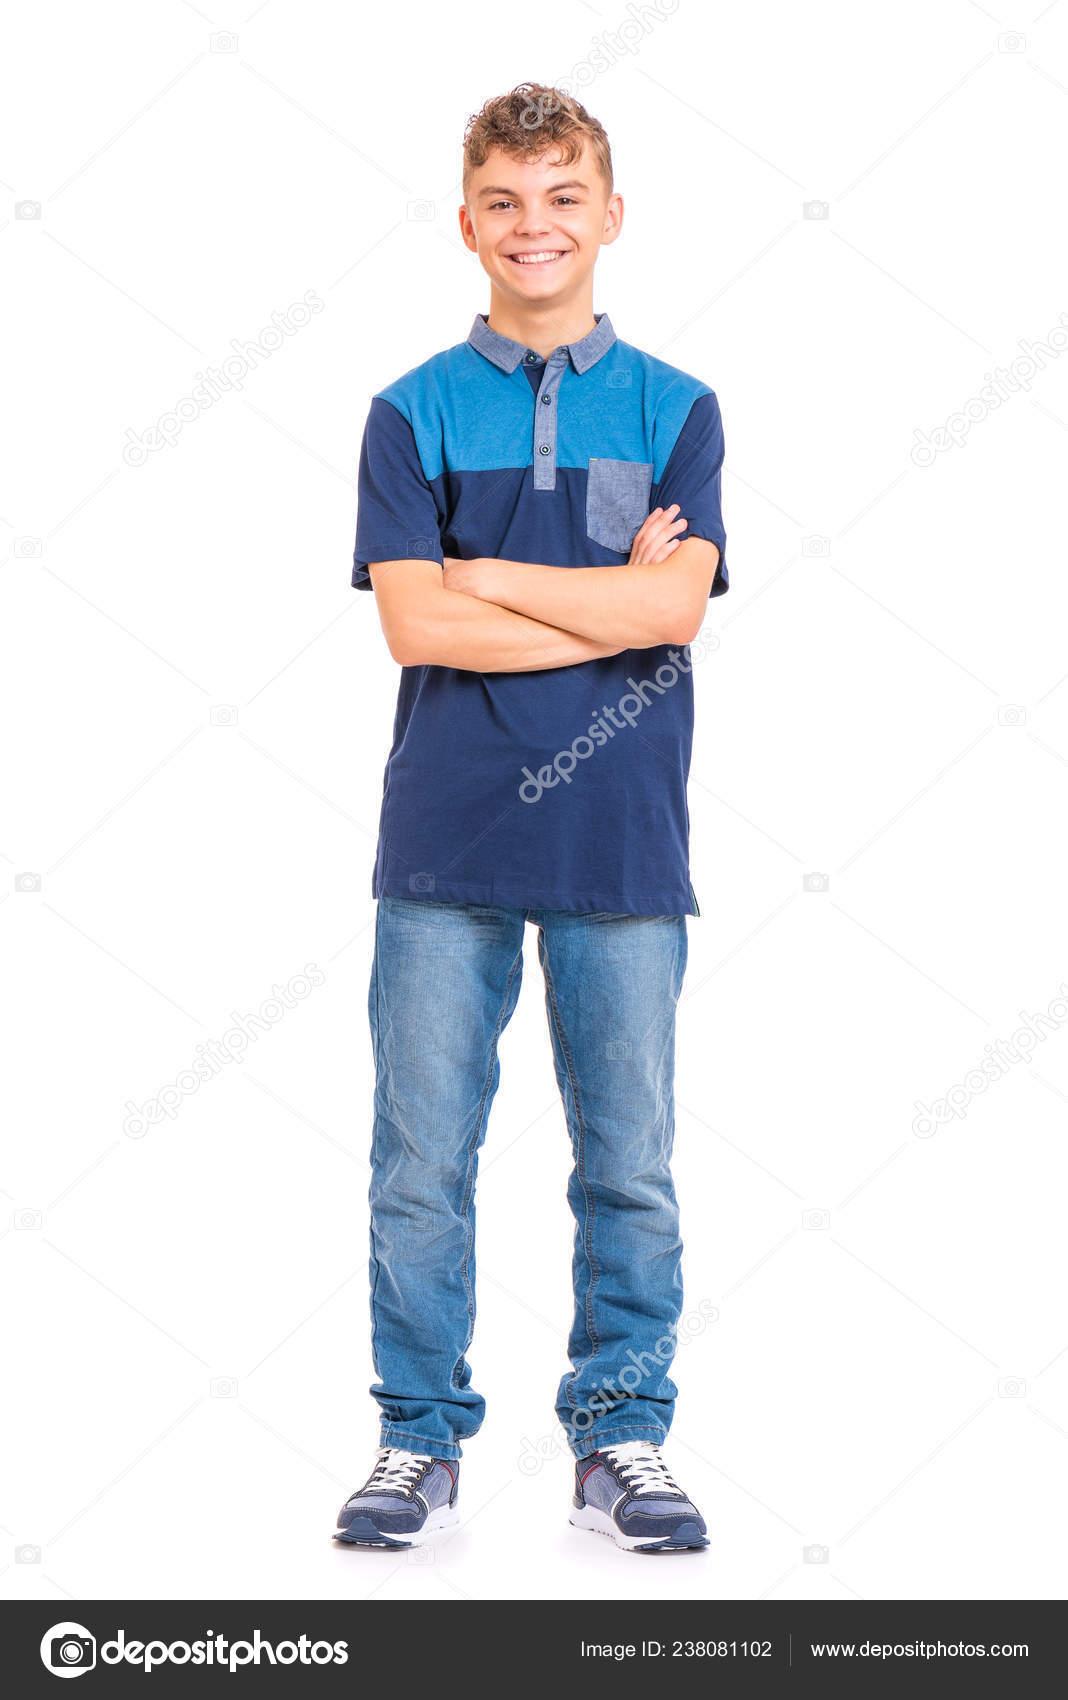 Pinay fucking teens pic